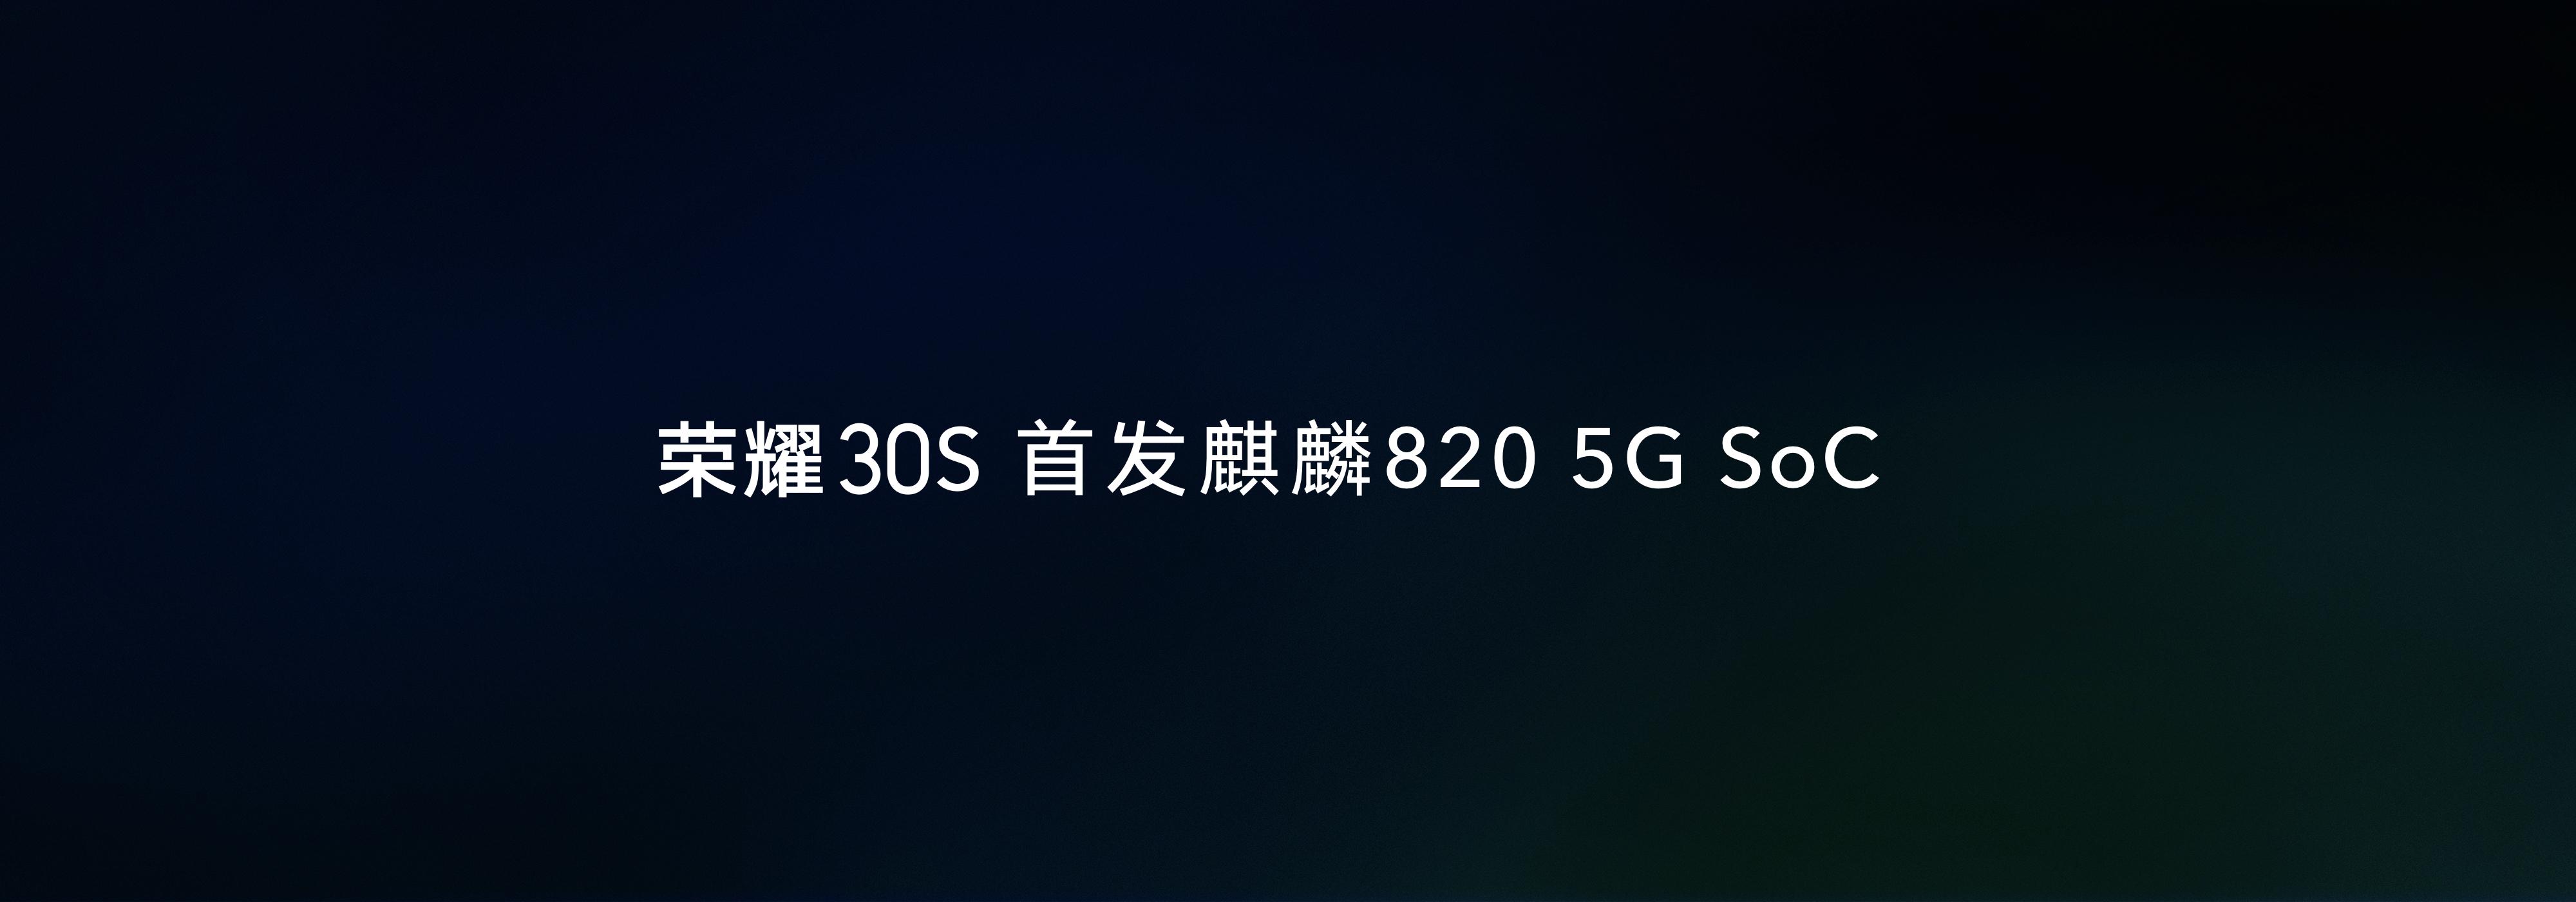 荣耀30S发布会胶片.014.jpeg